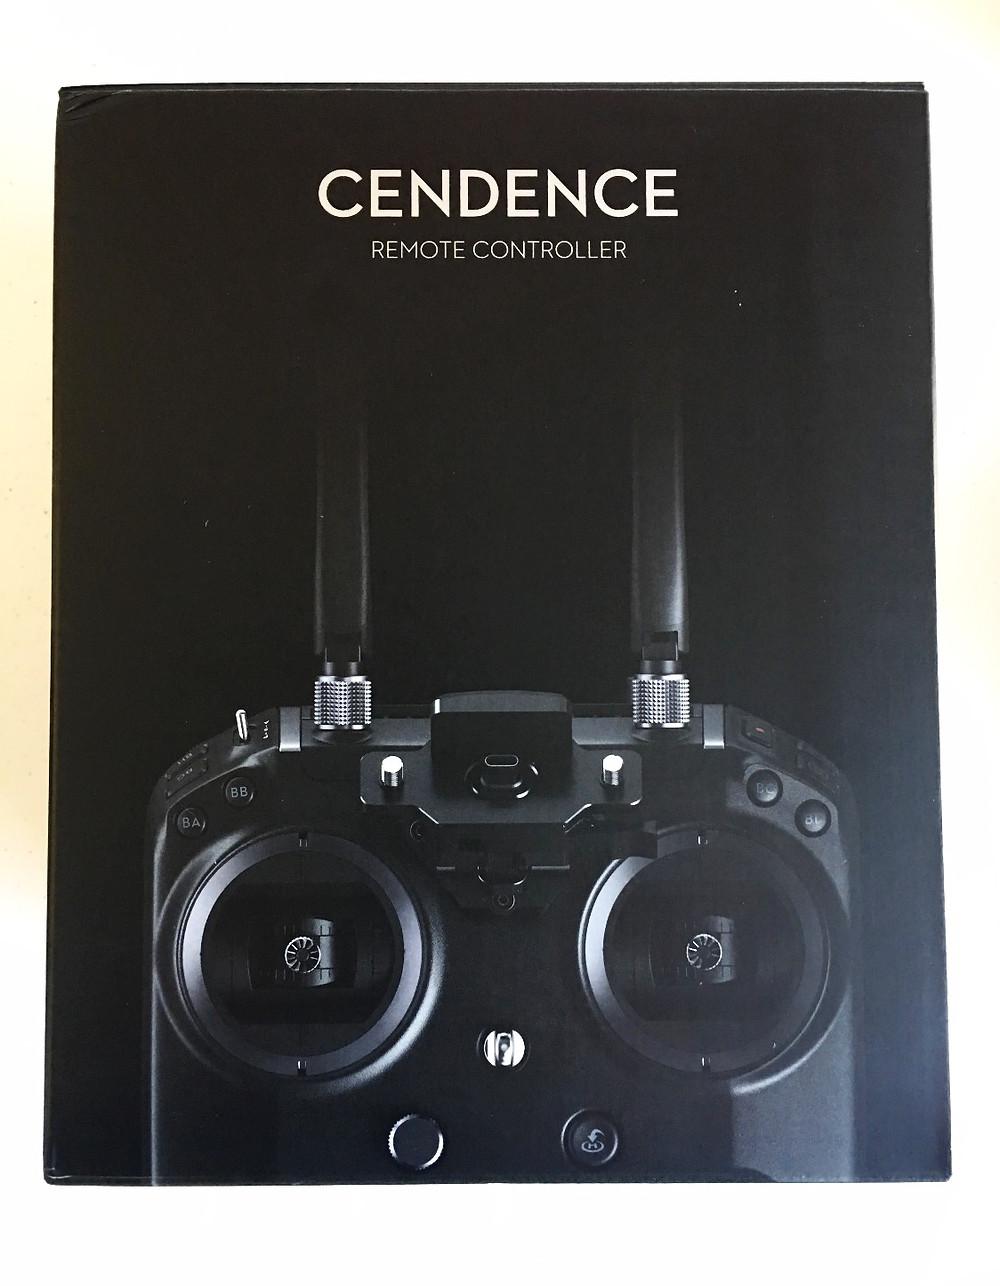 DJI Cendence